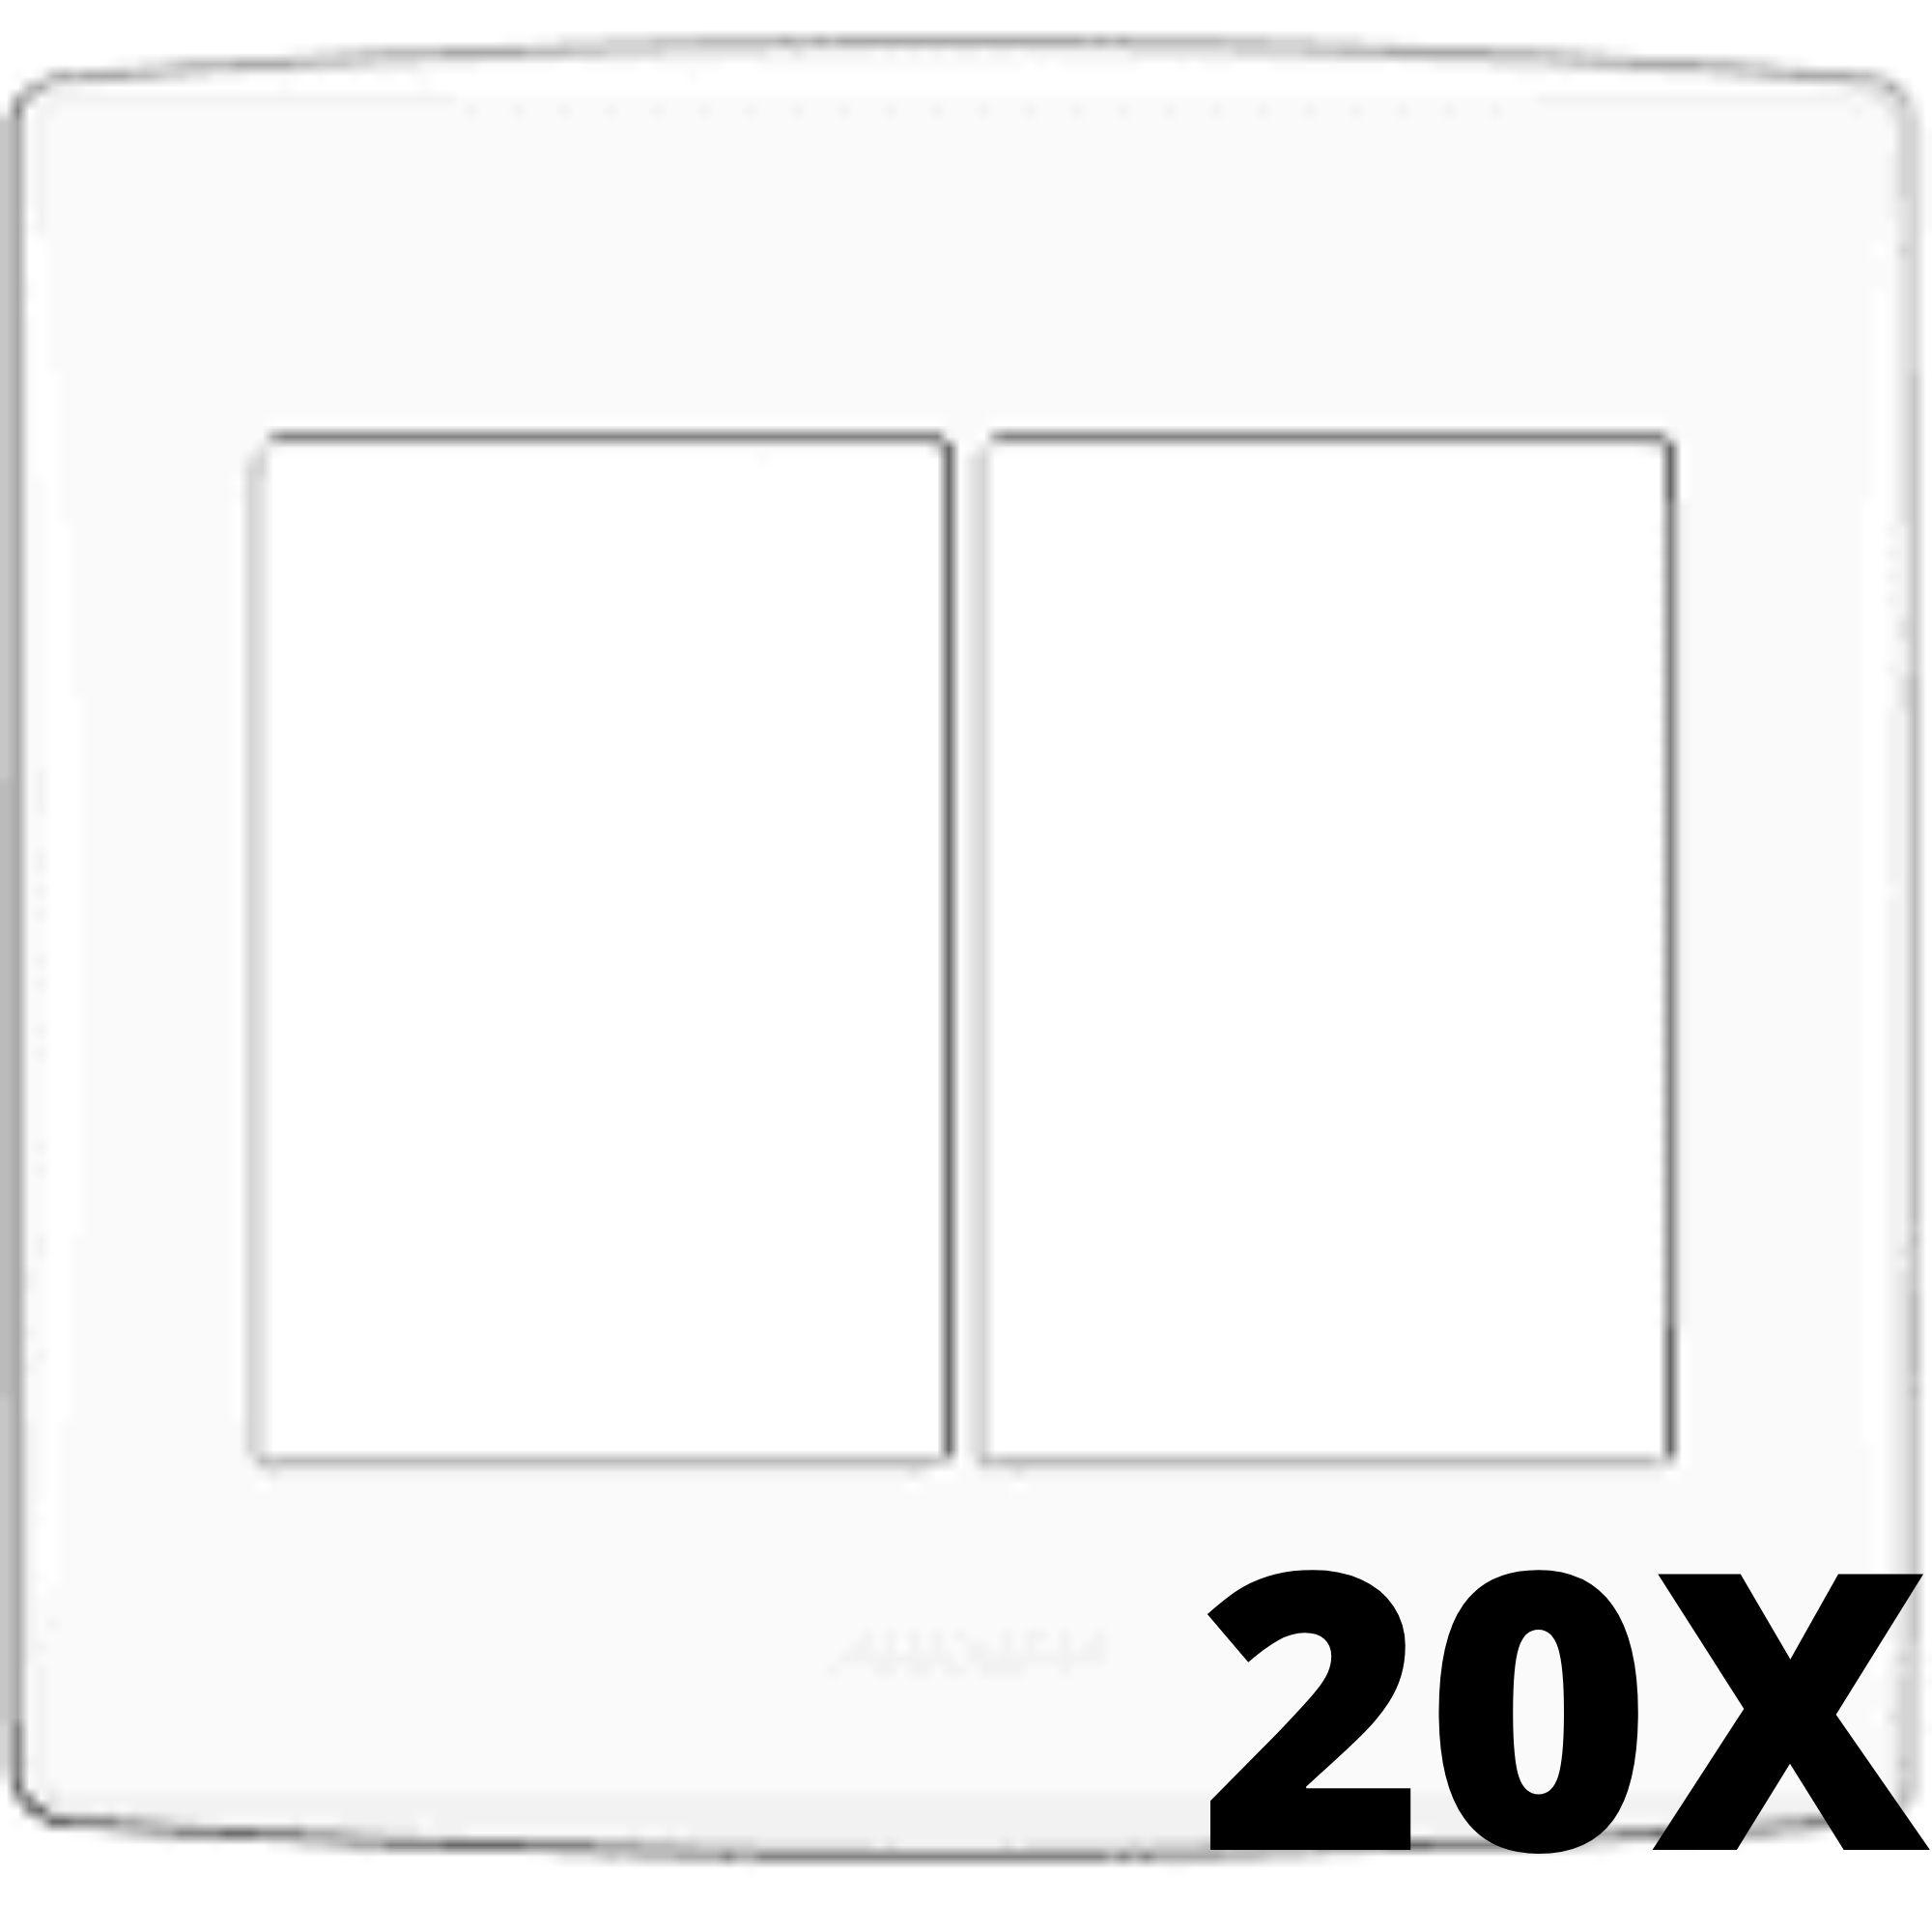 Kit 20 und Alumbra Bianco Pró Placa 4x4 3 Seções + 3 Seções